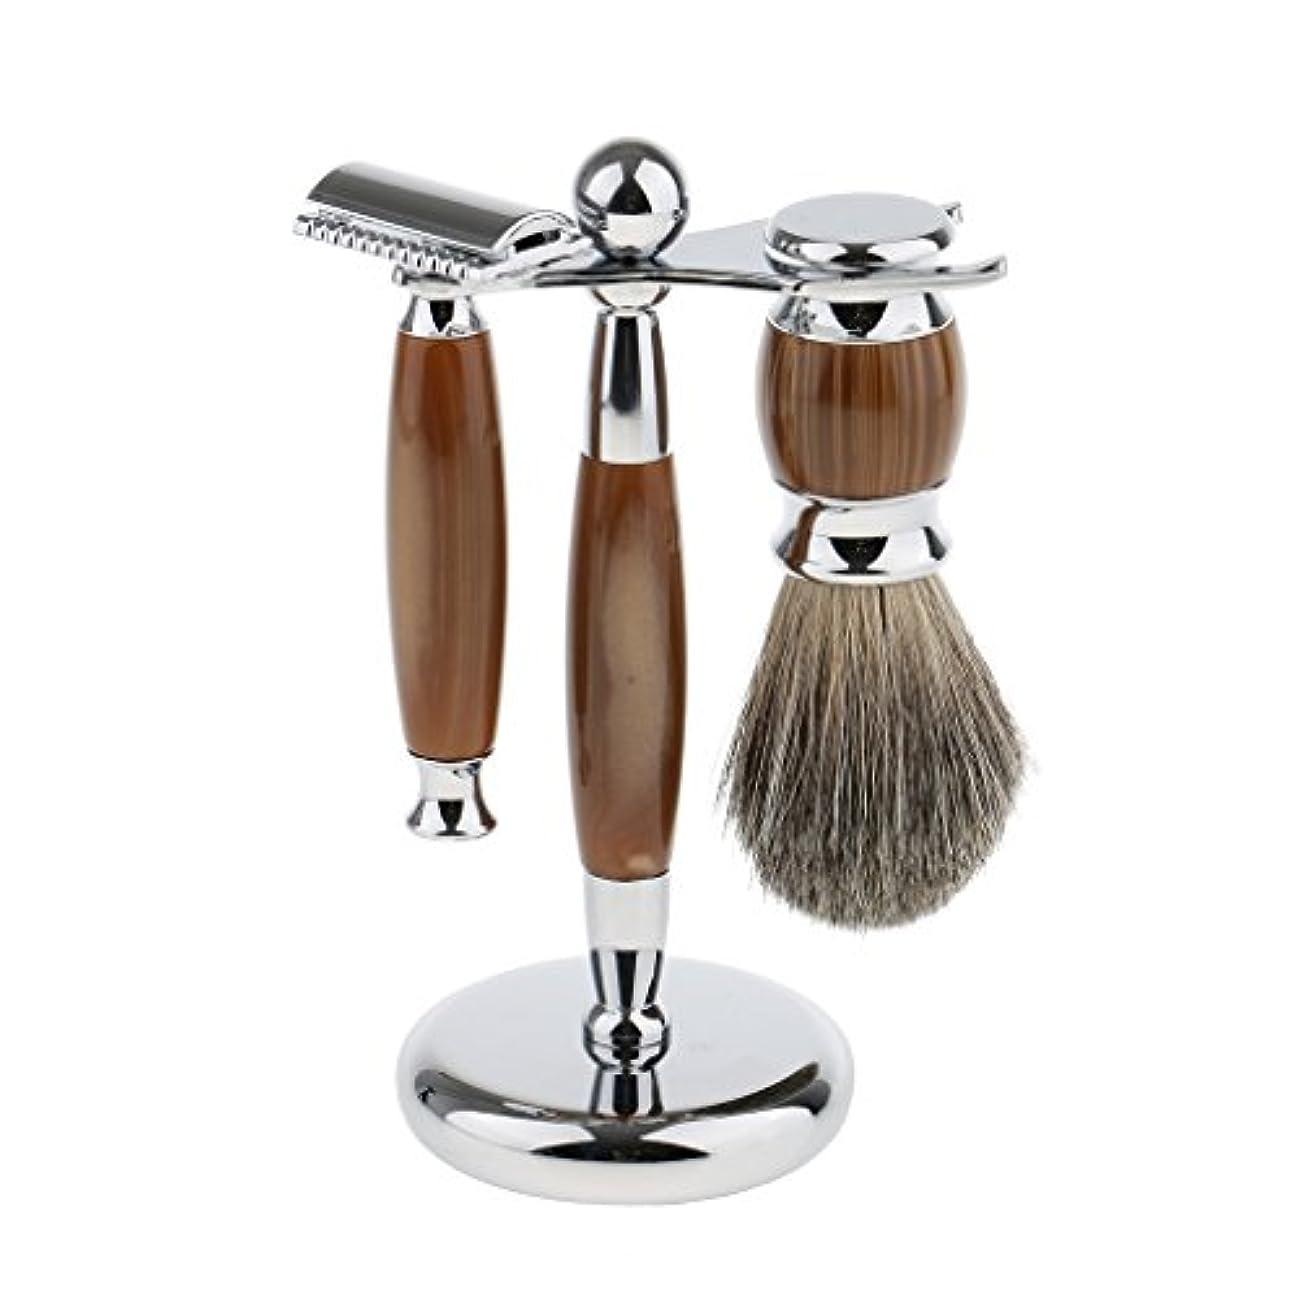 攻撃的マークふりをするBaoblaze 3点入り シェービング スタンド ブラシ マニュアル ダブルエッジ 髭剃り メイク レトロ プレゼント 3色選べ - タイプ3